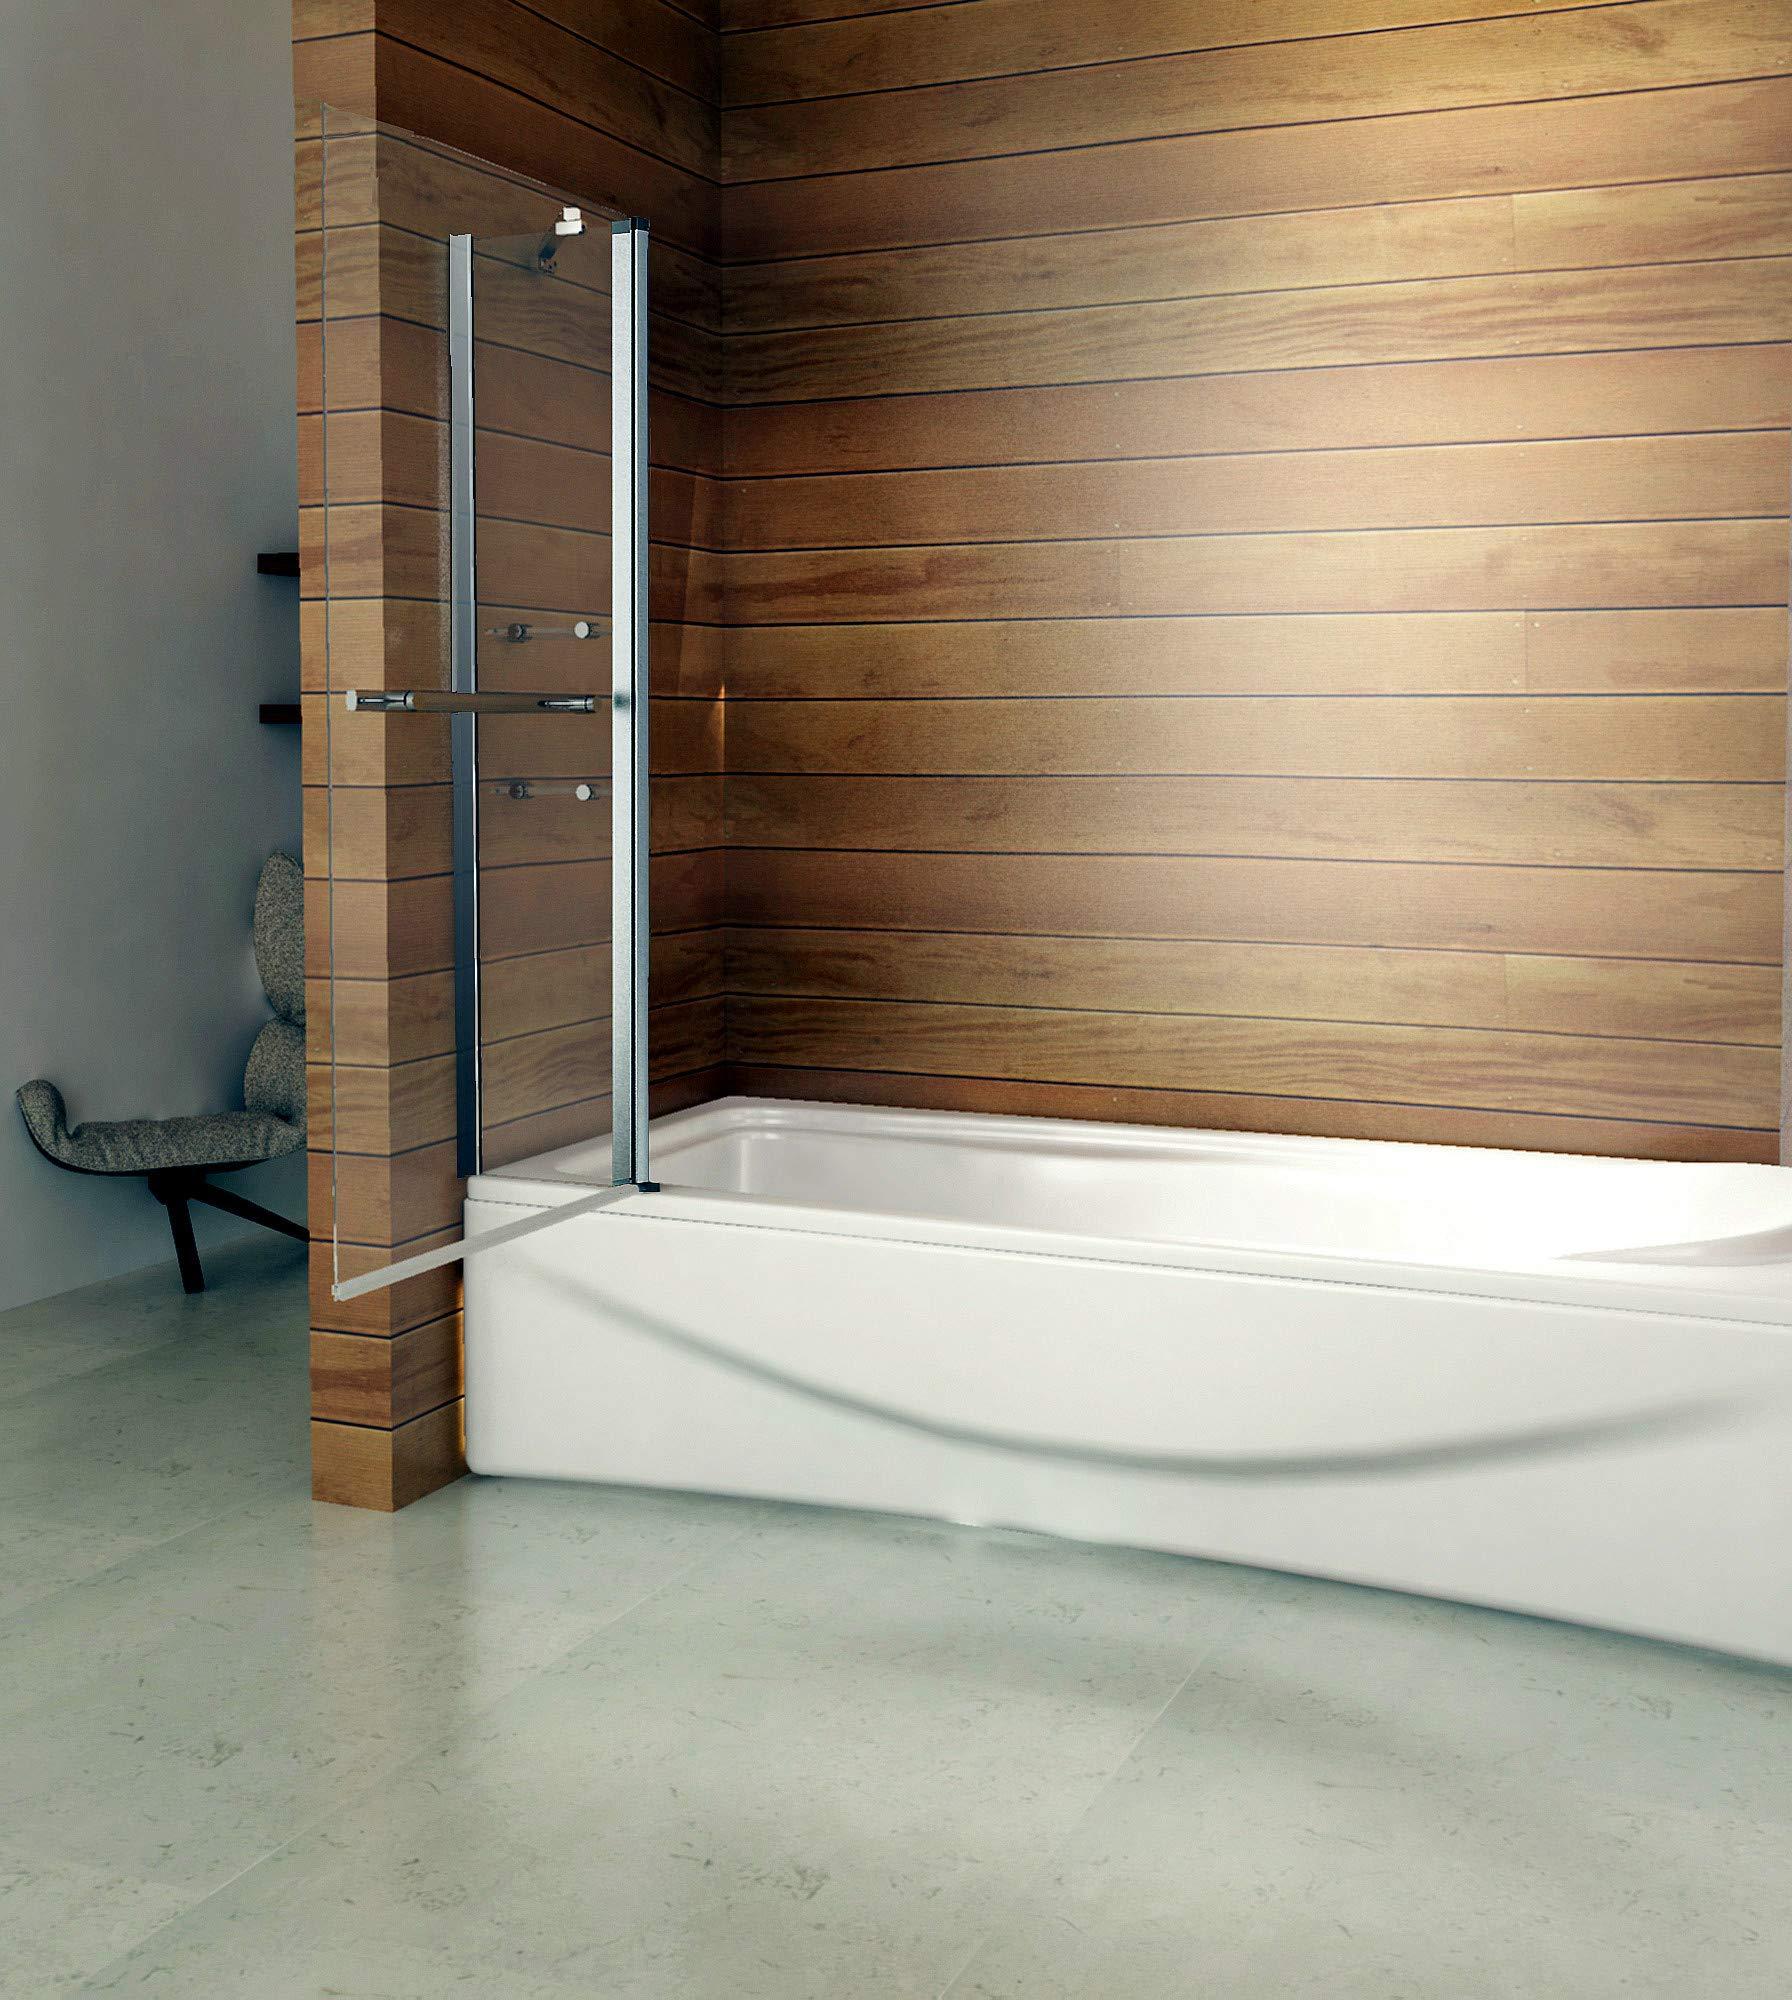 140 x 120 cm Mampara de bañera plegable pared ducha de pared para bañera (VGN-C2S H12): Amazon.es: Bricolaje y herramientas